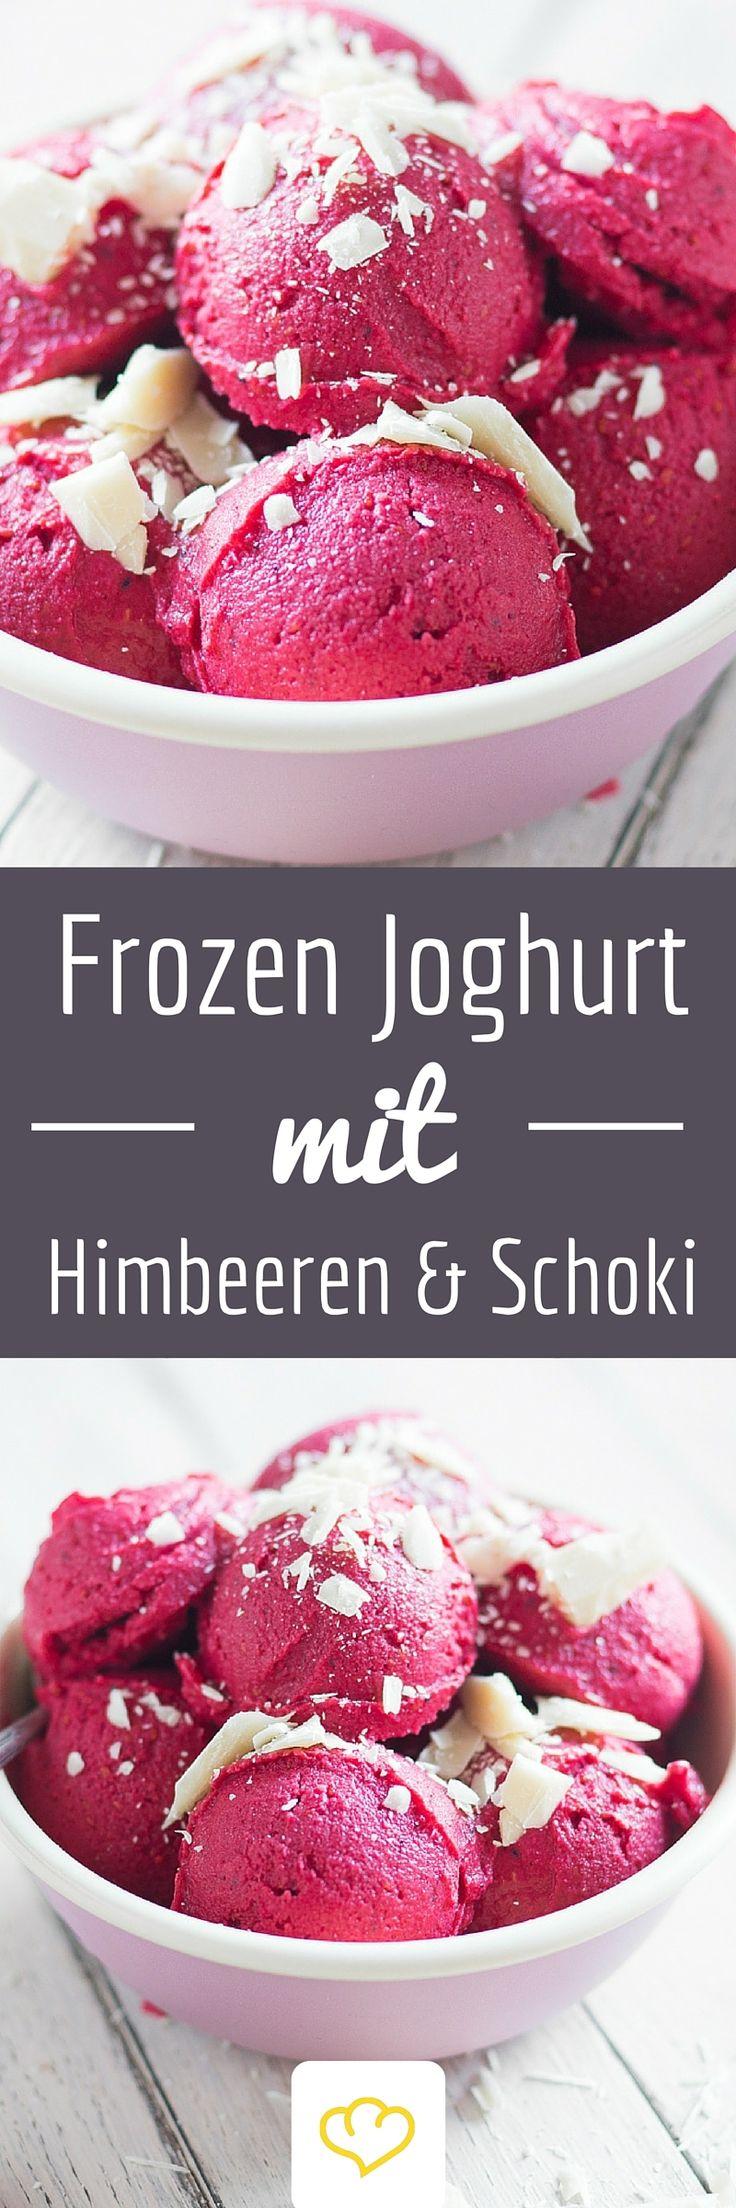 Blitz-Frozen-Joghurt mit Himbeeren und weißer Schokolade